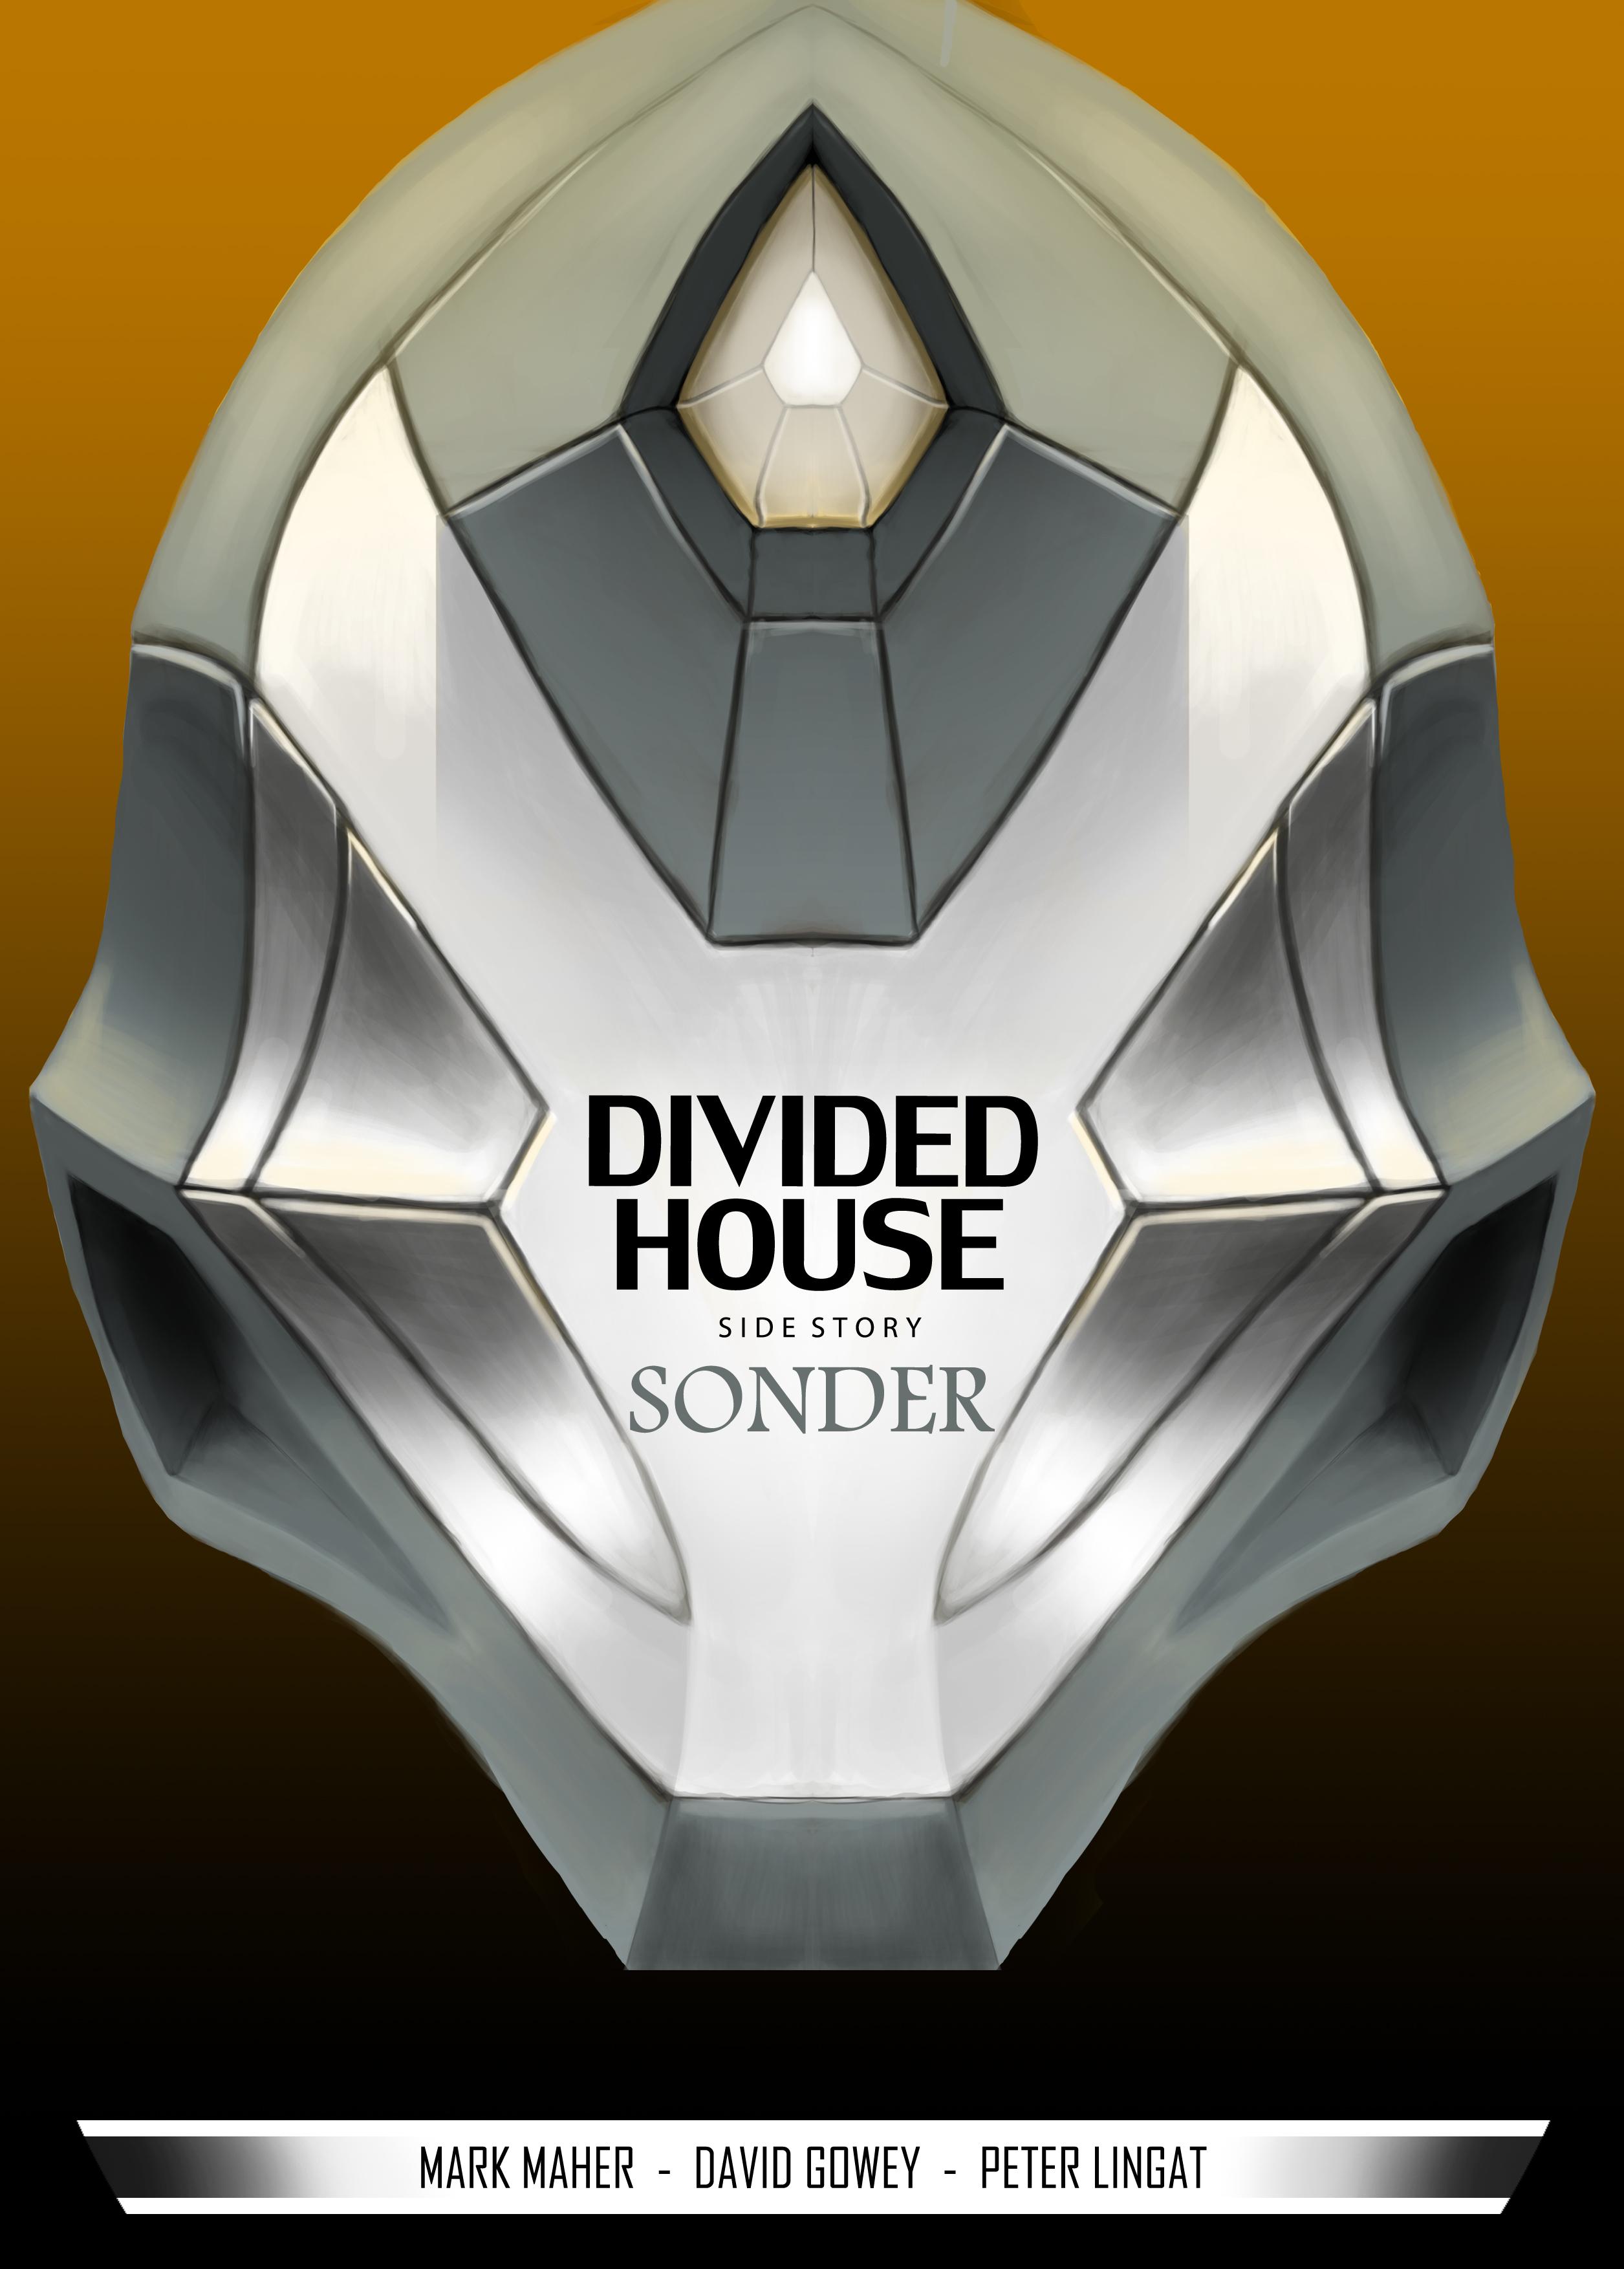 Divided house - Sonder cover.